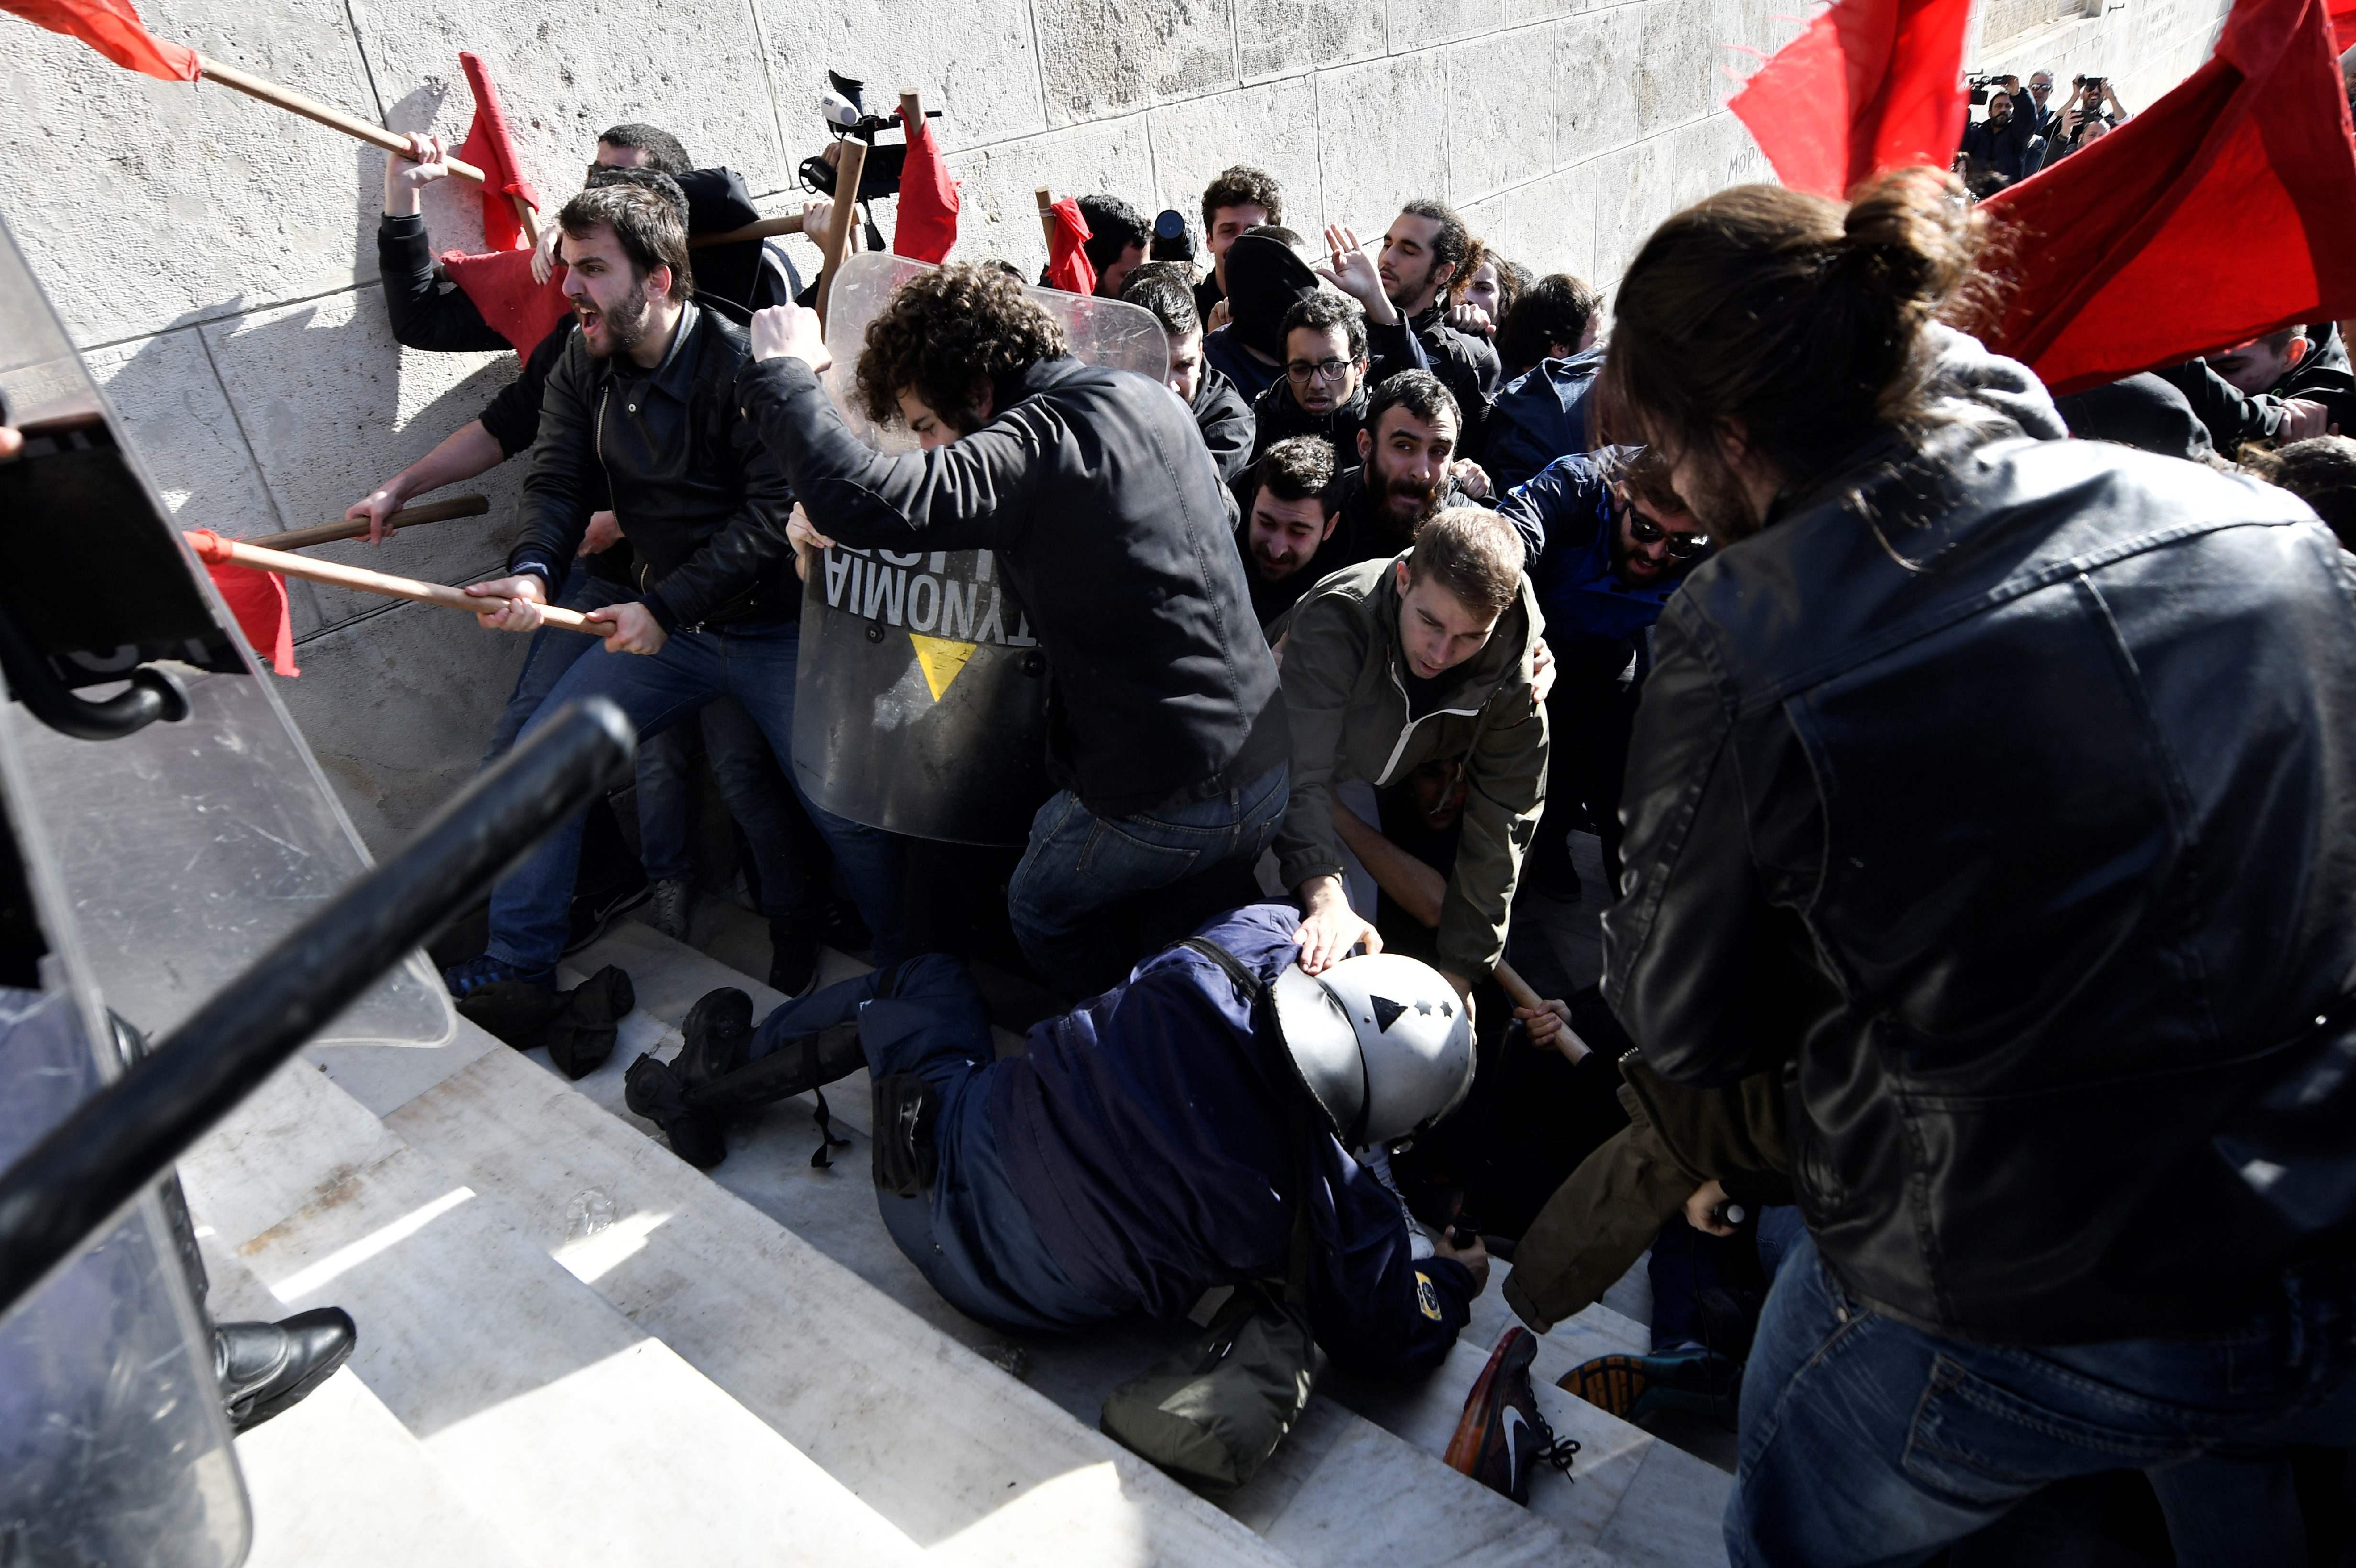 اشتباكات عنيفة فى اليونان أثناء محاولة محتجون اقتحام مقر البرلمان